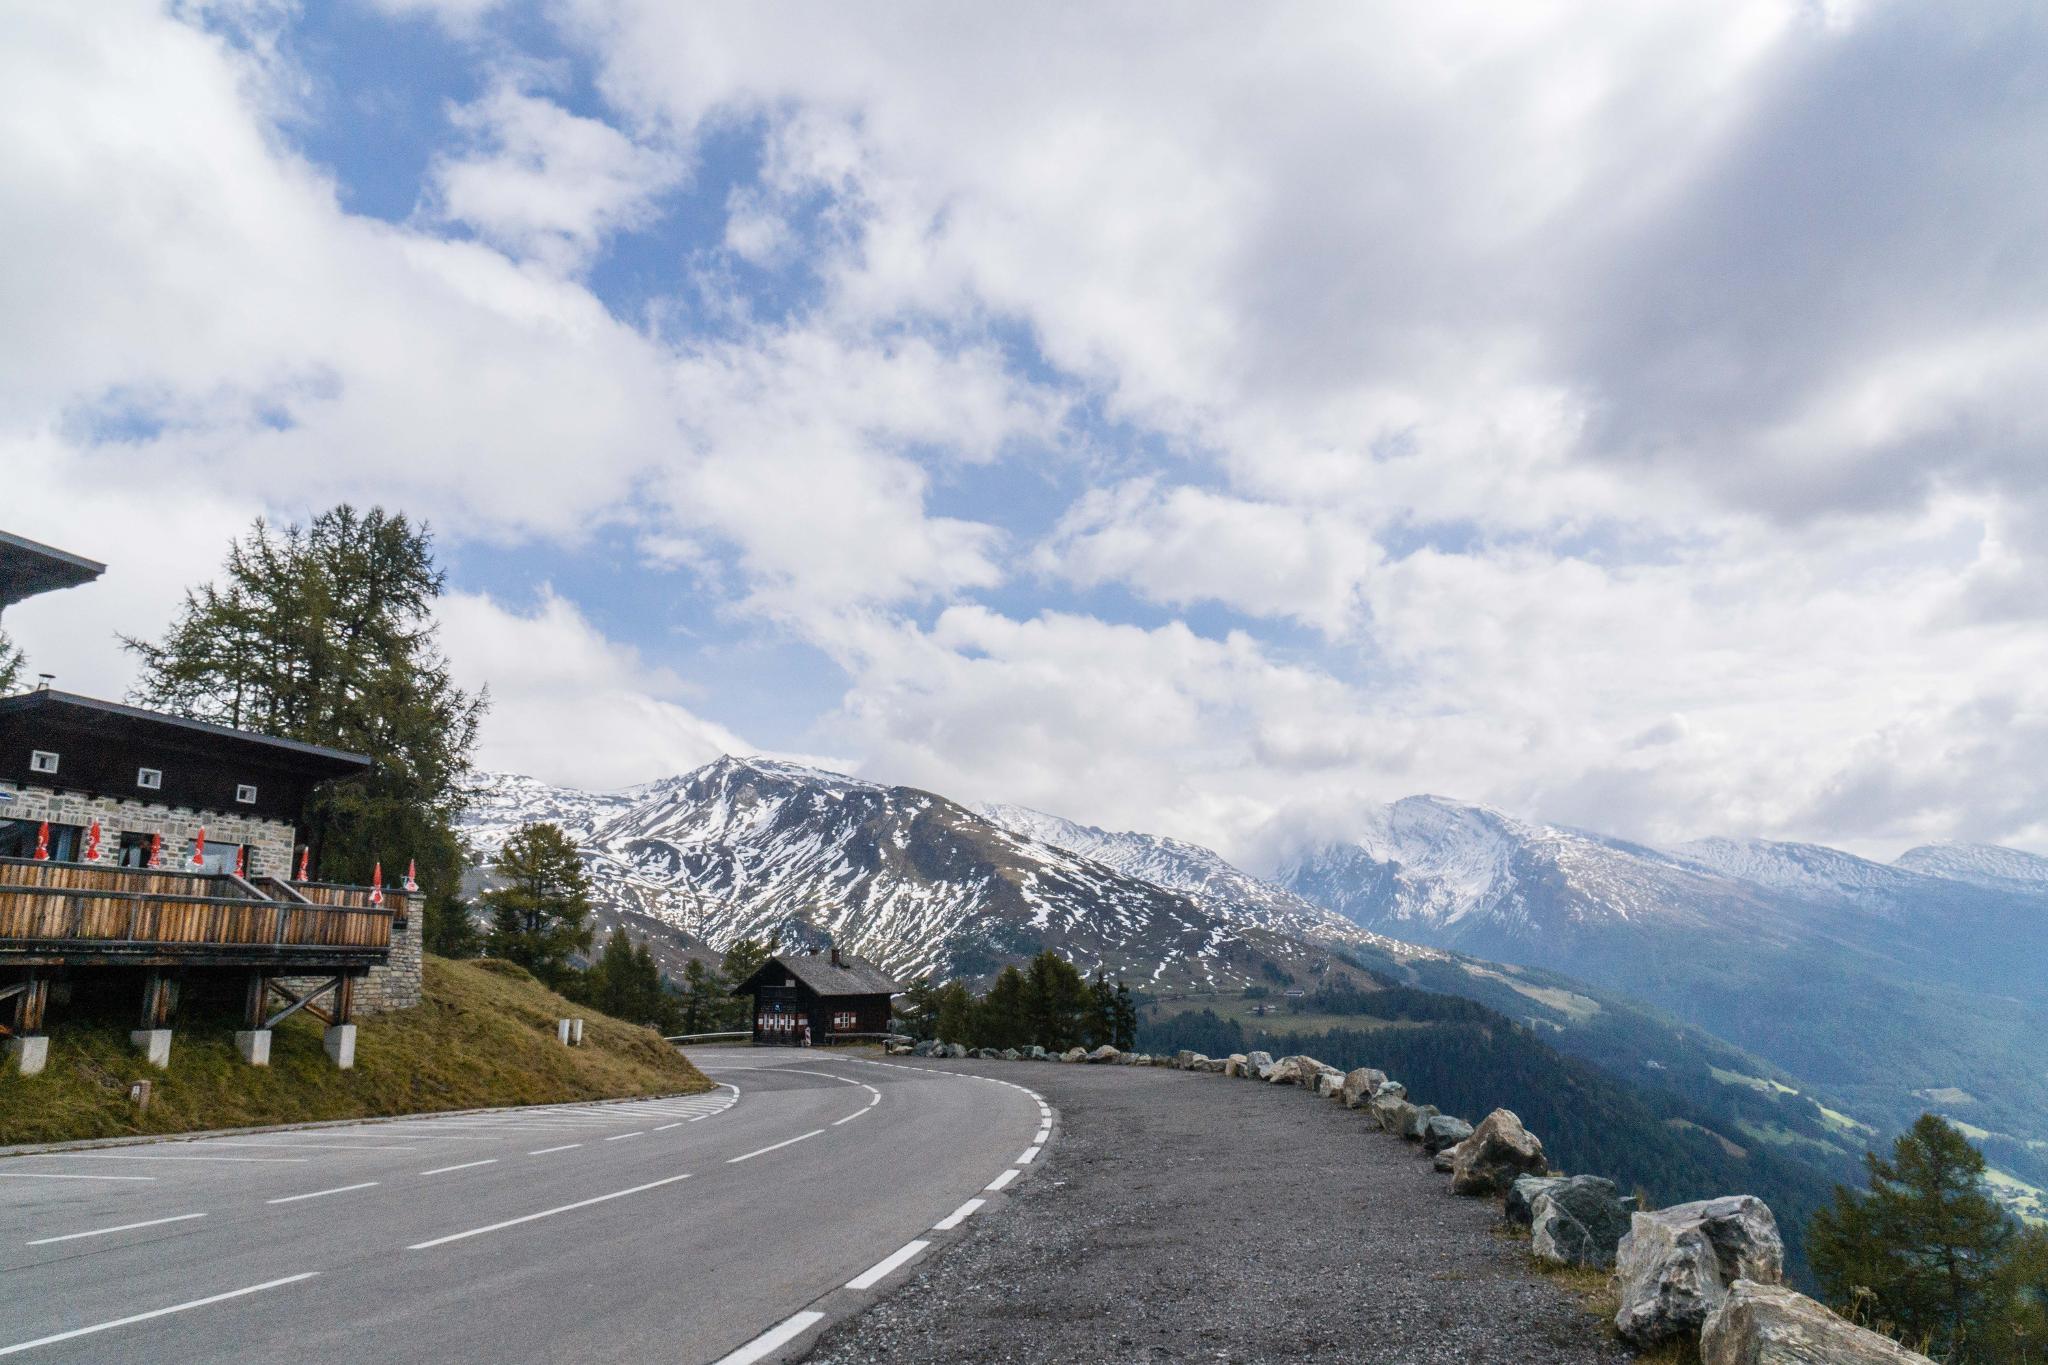 【奧地利】穿越阿爾卑斯之巔 — 奧地利大鐘山冰河公路 (Grossglockner High Alpine Road) 16